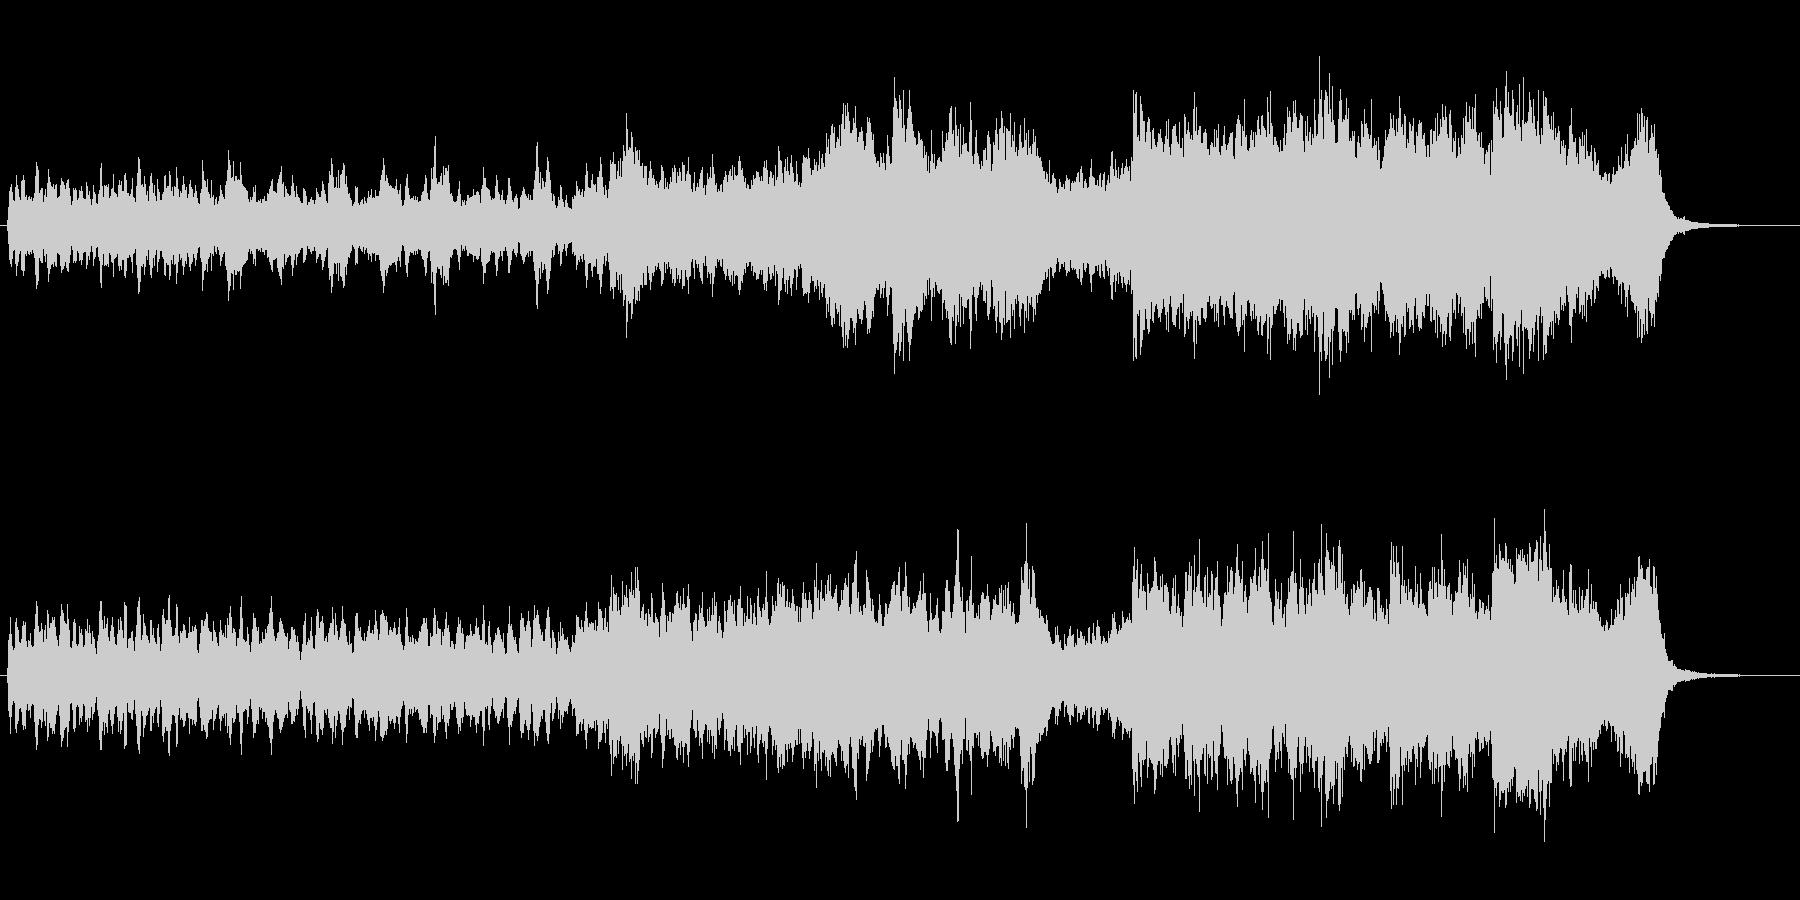 マイナーキーの高揚感あるサウンドトラックの未再生の波形